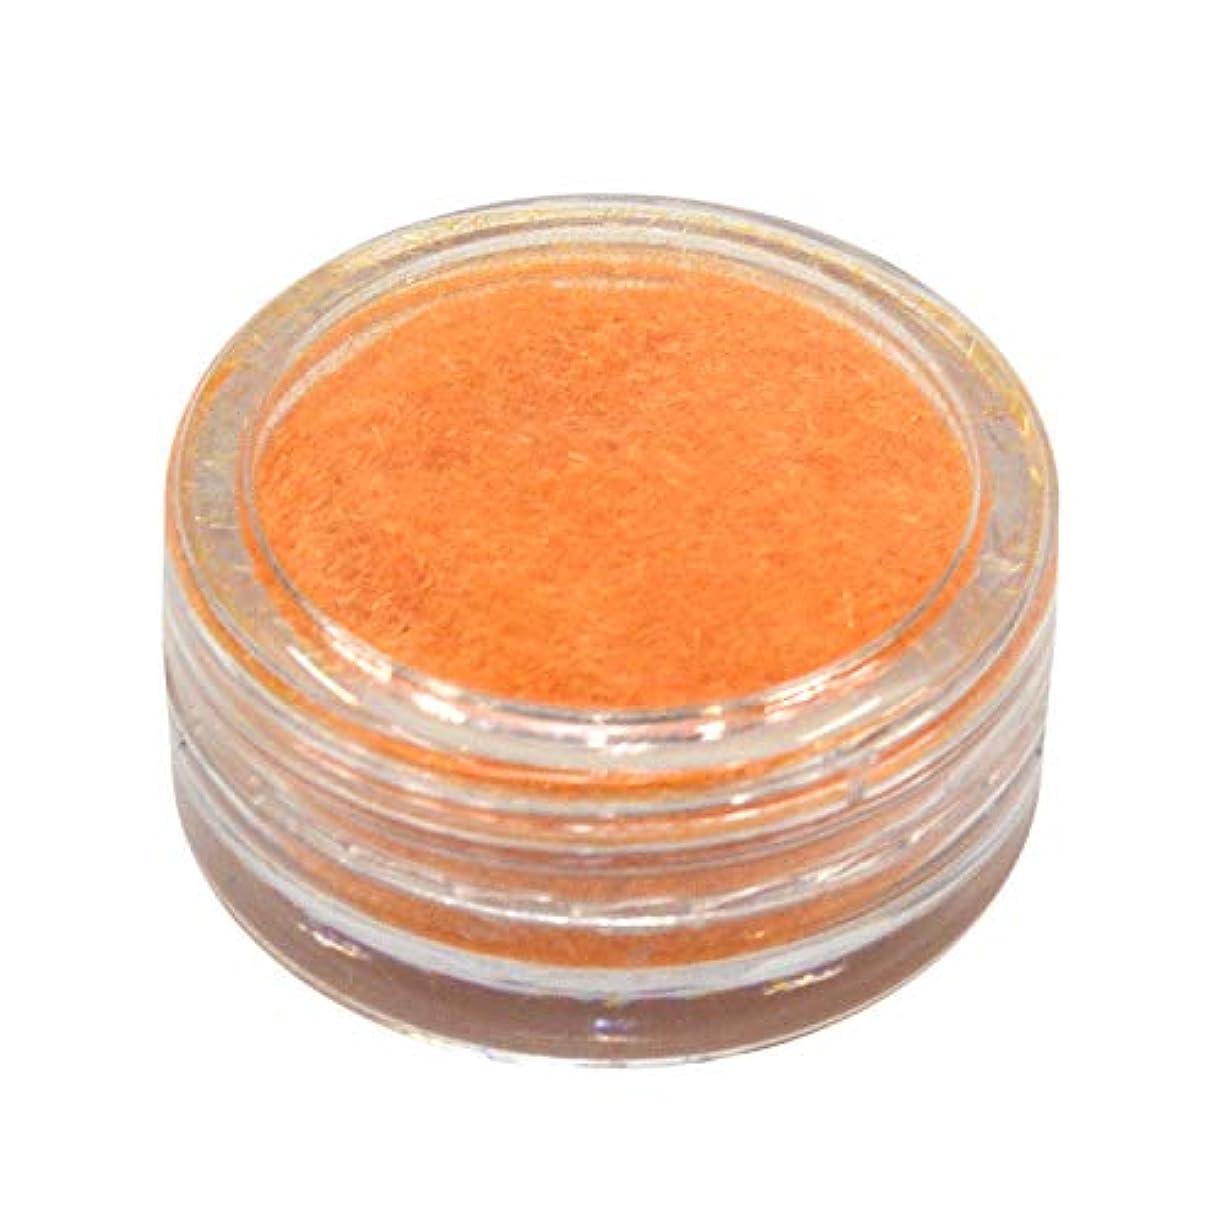 塩辛い補体オーロックネルパラ ベルベットパウダー #30 オレンジ